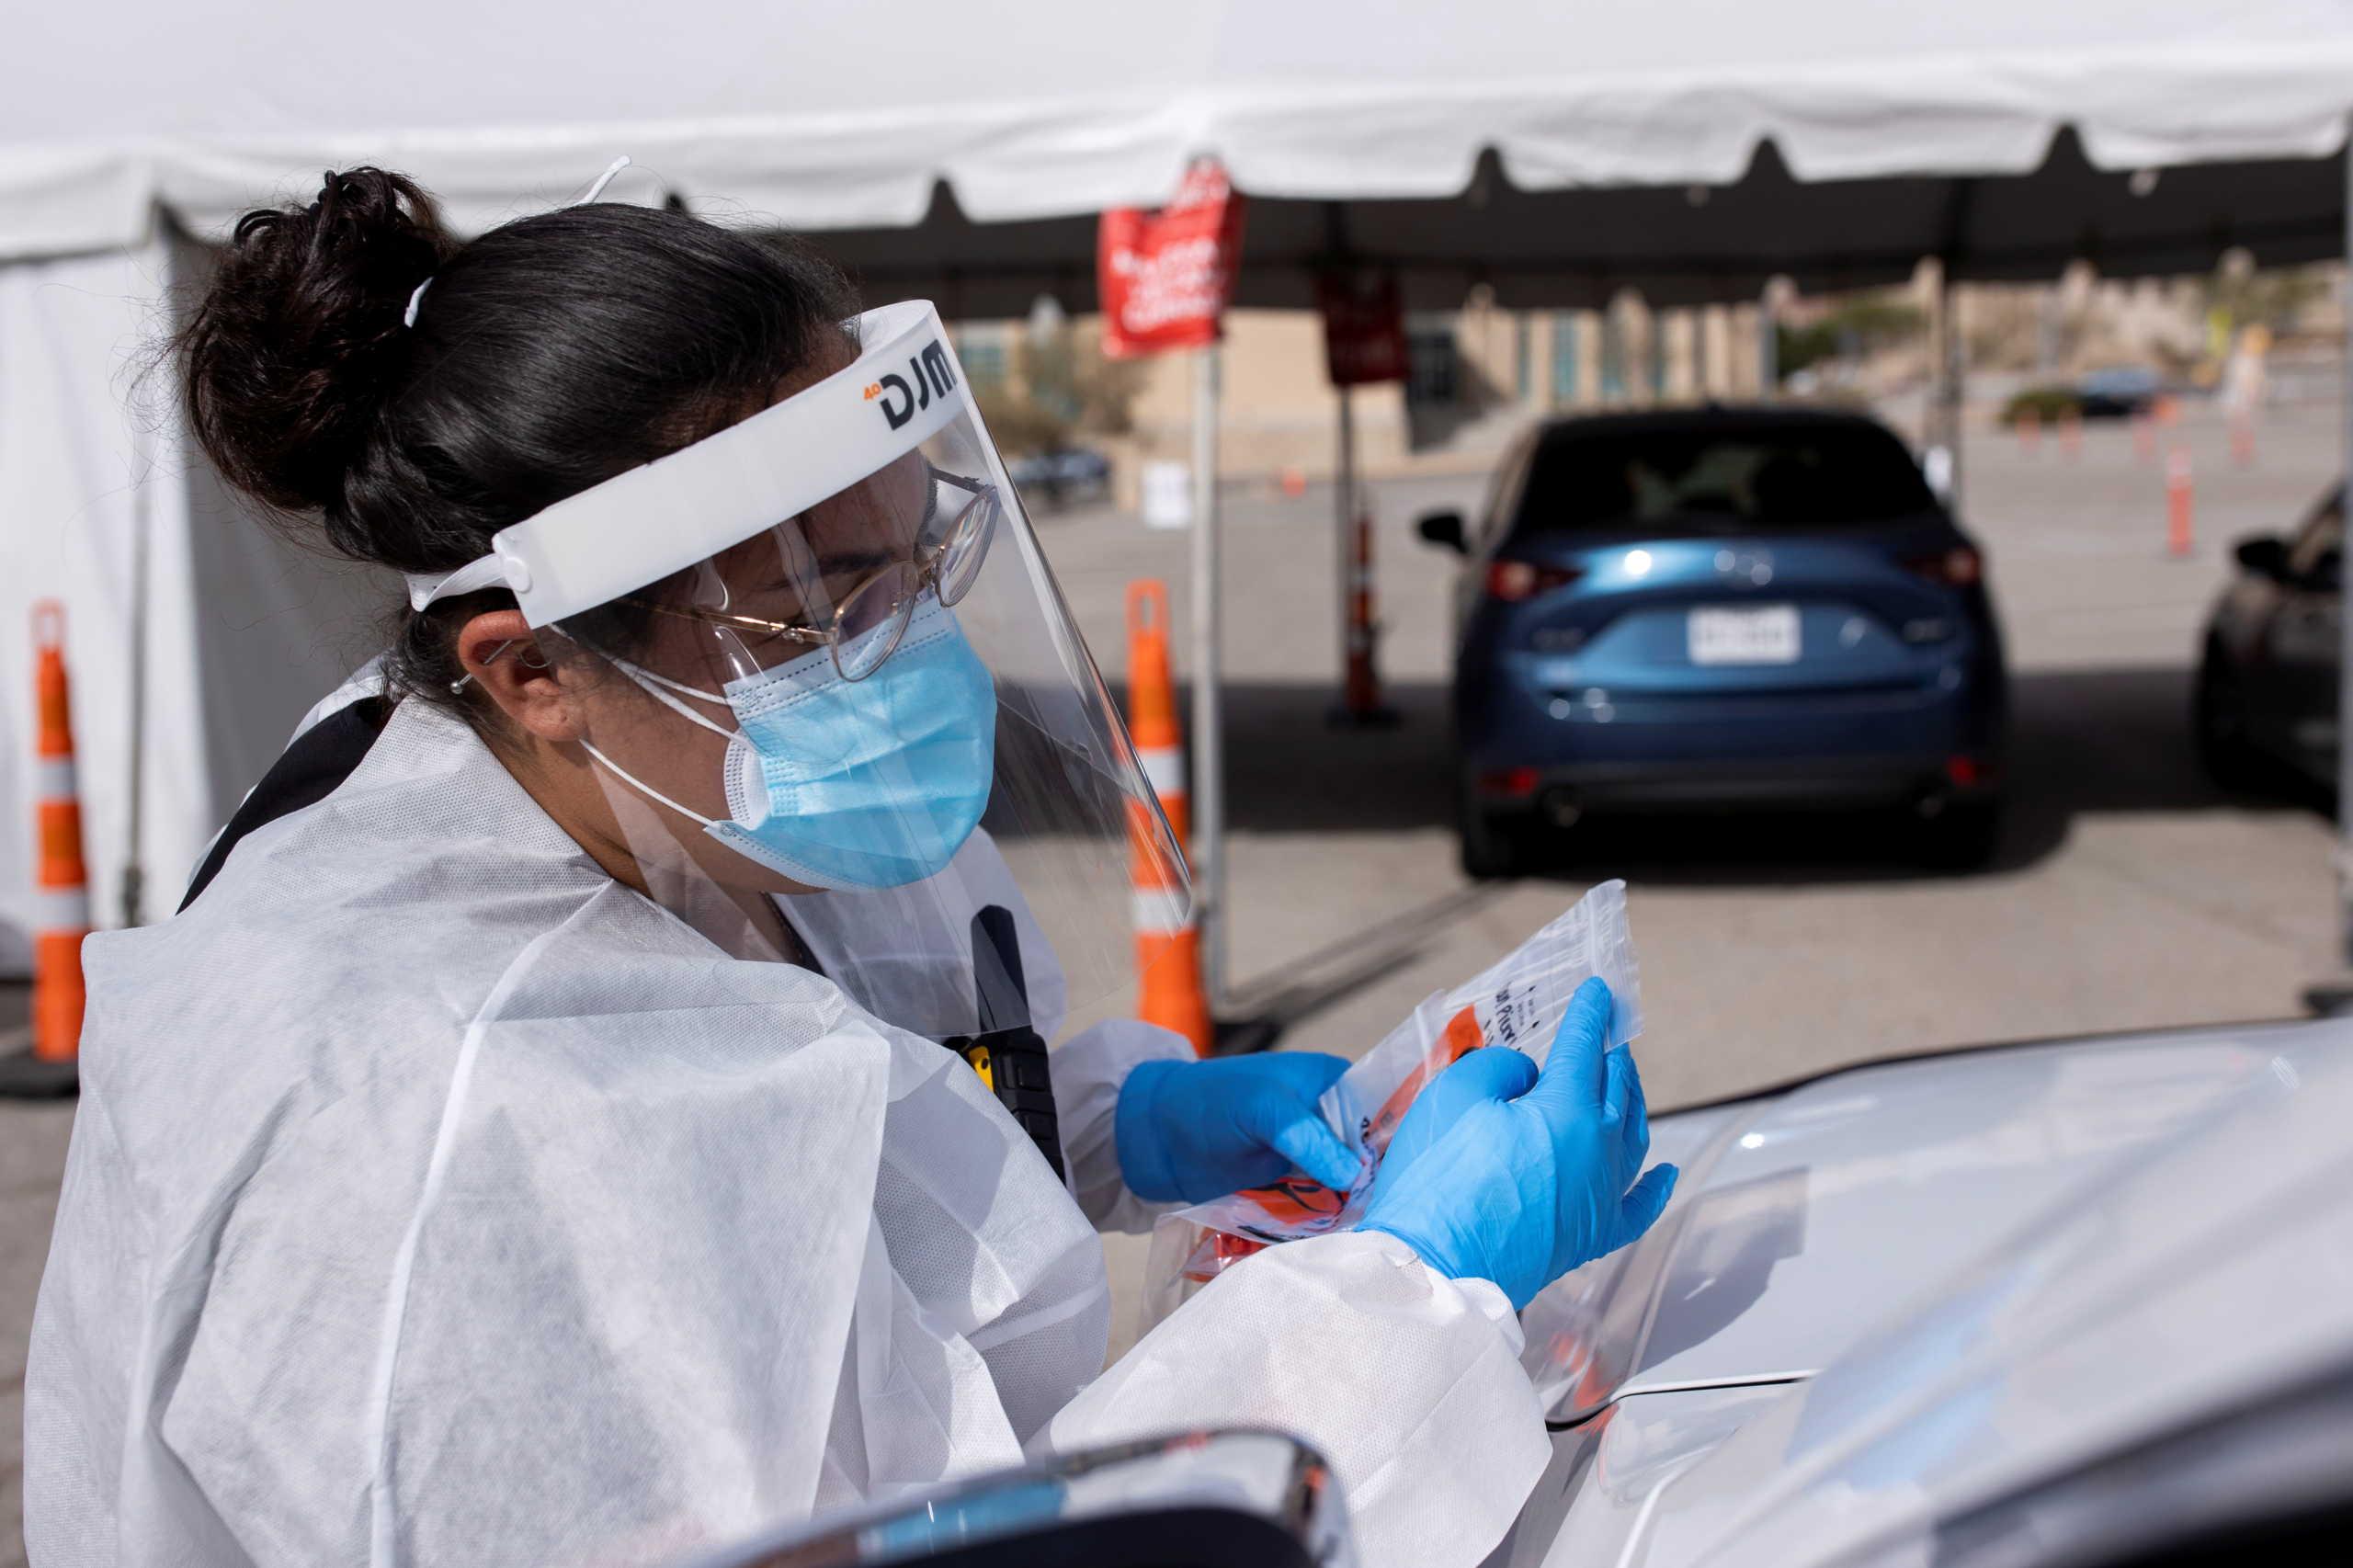 Η αμερικανική FDA έδωσε κατεπείγουσα έγκριση σε νέο τεστ αντισωμάτων κατά του κορονοϊού